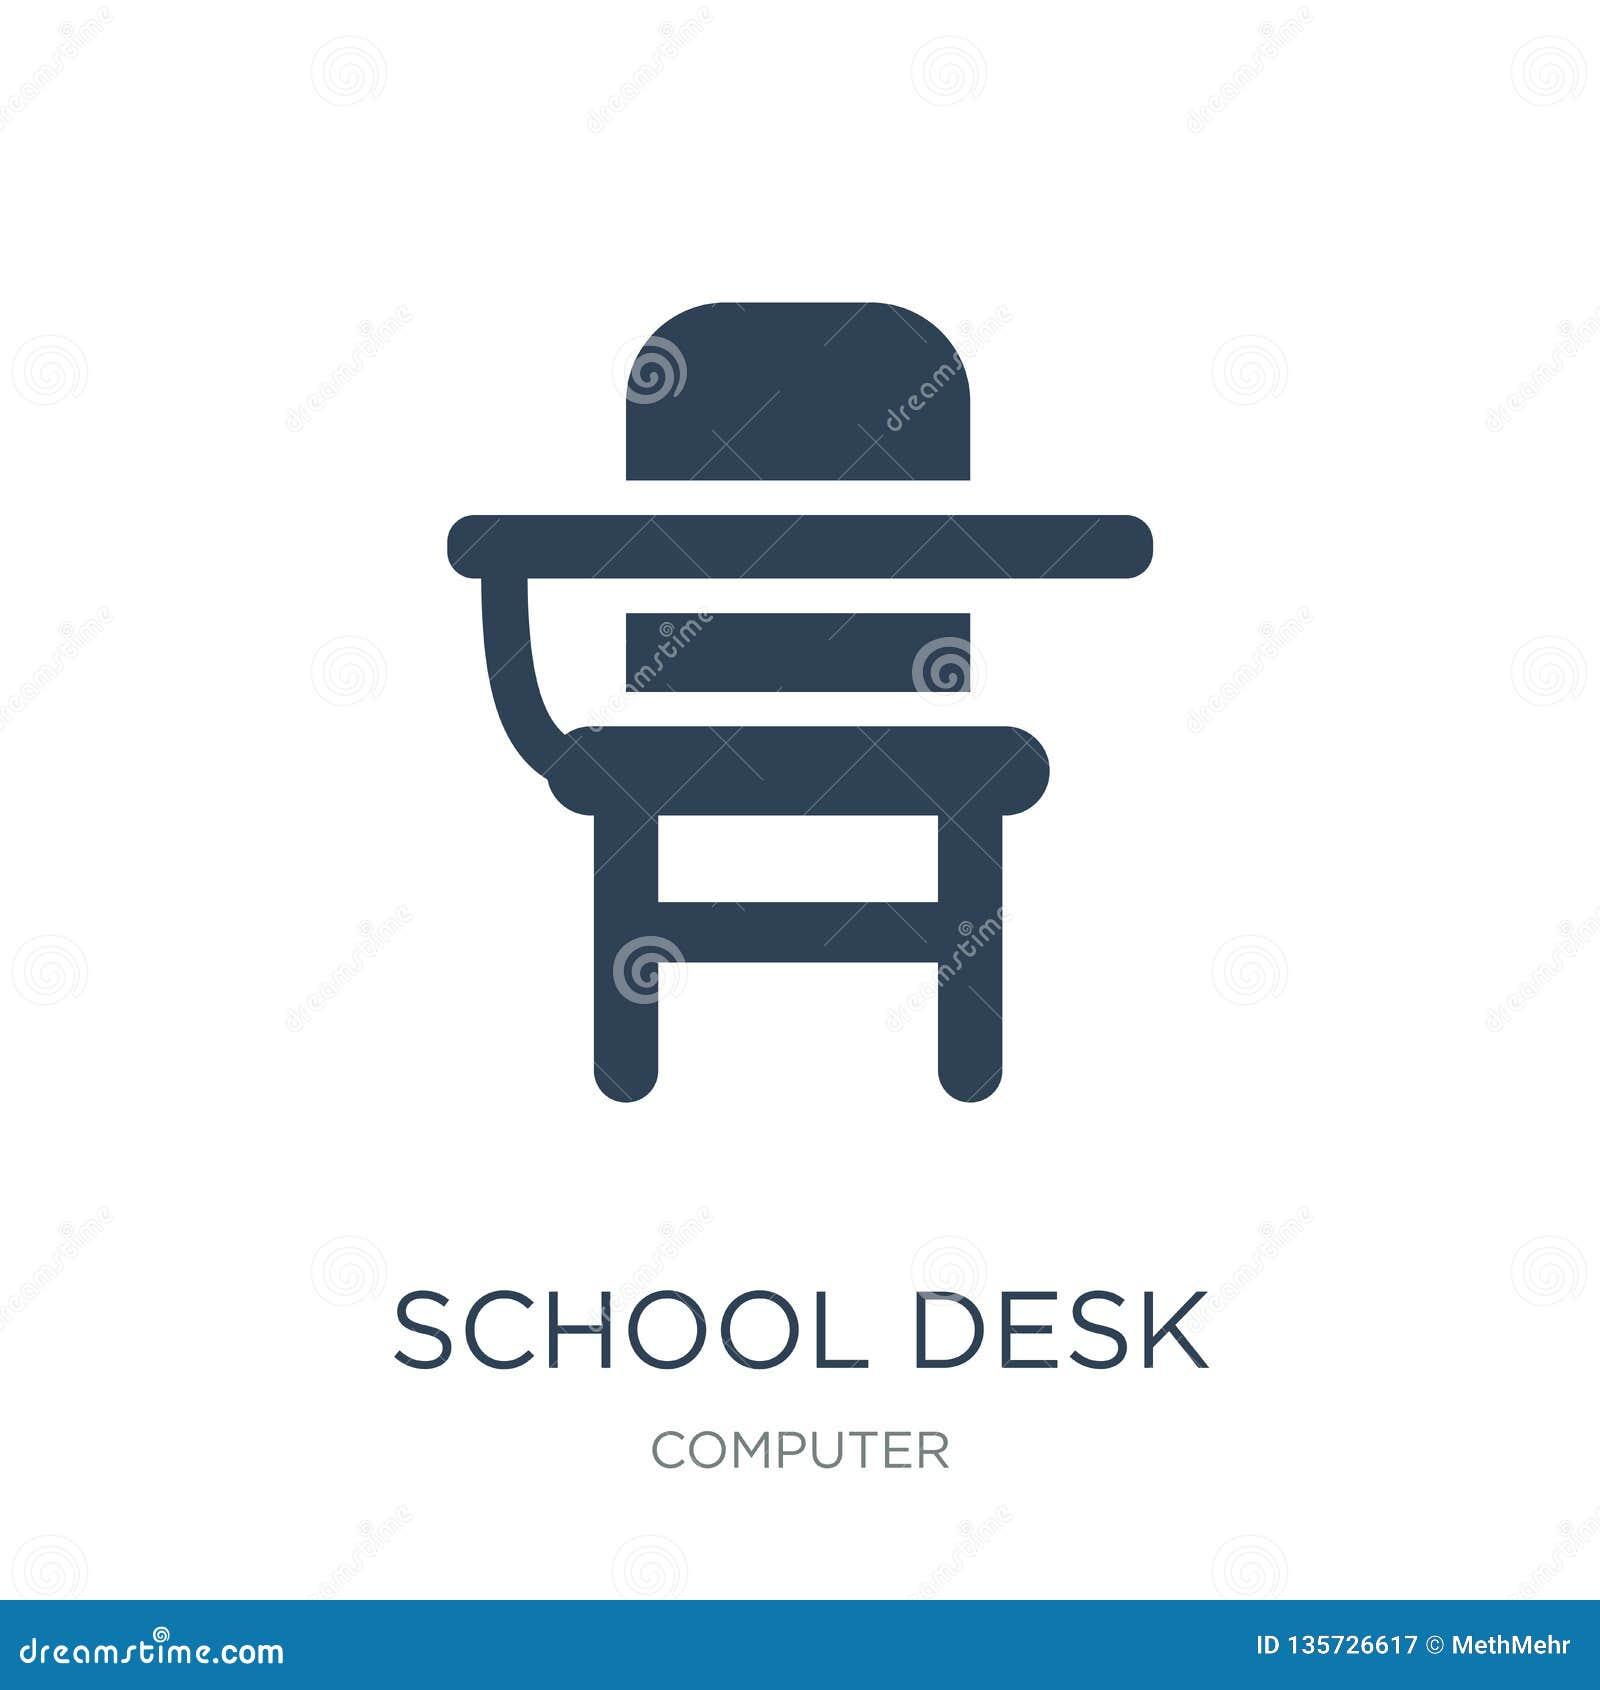 De à Dans Le D'école La Style Mode Icône De Bureau bgY6yf7v